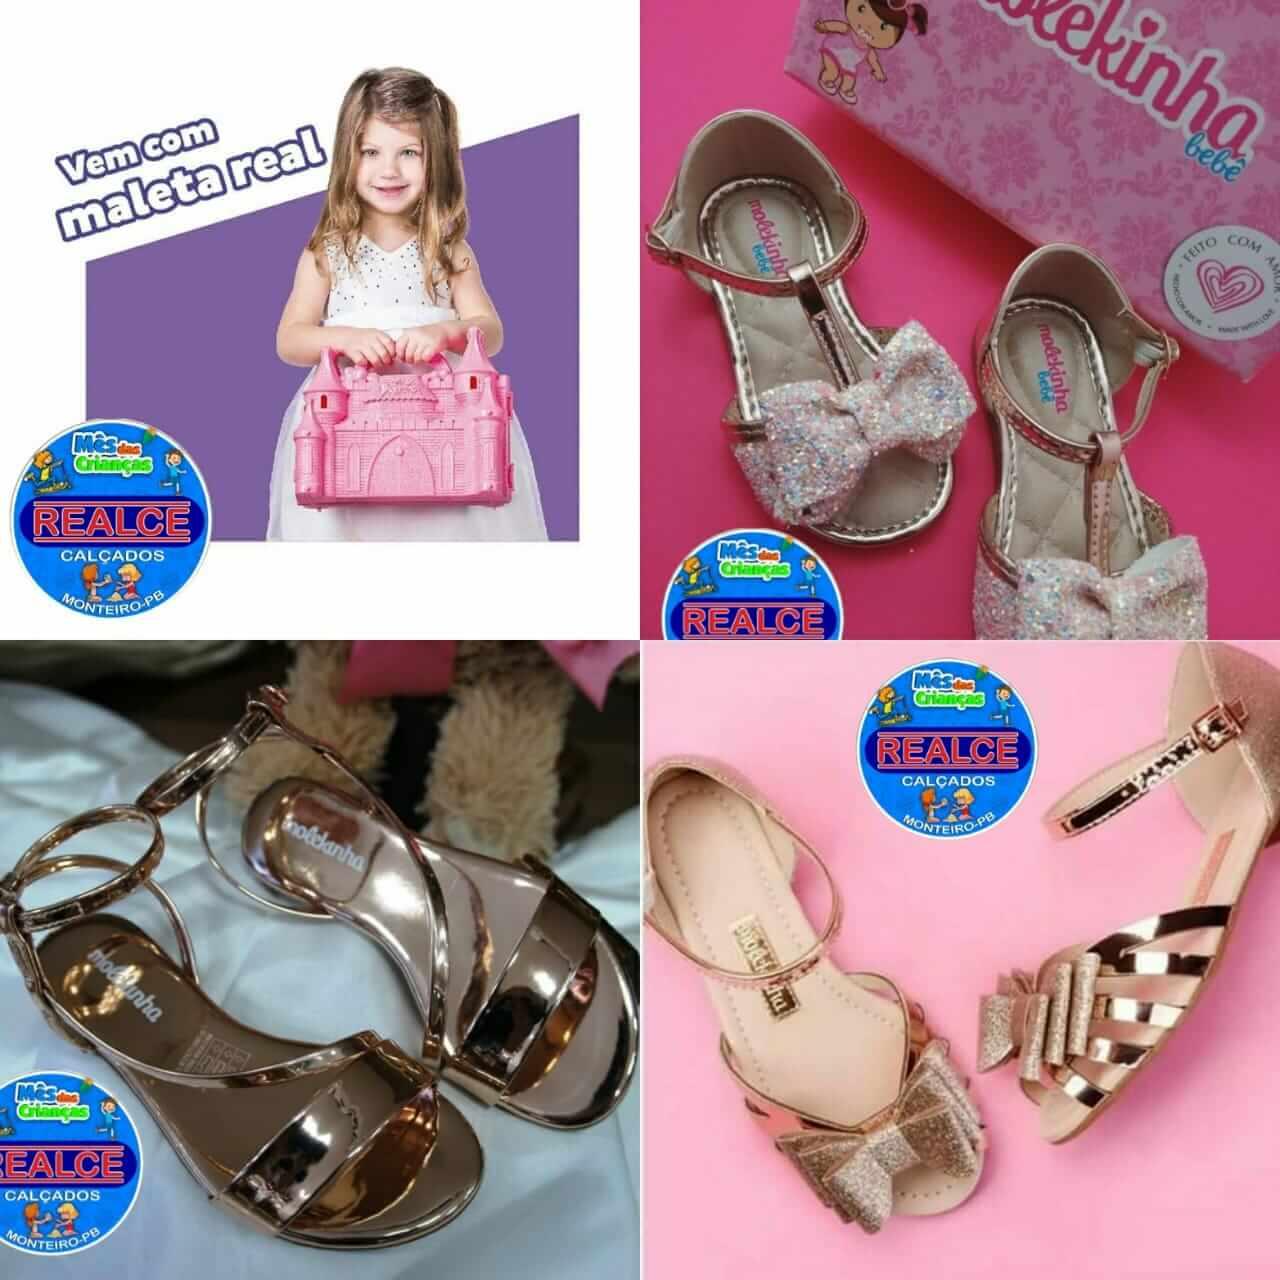 ad471d93-9929-4995-8c97-c3450709e082-1024x1024 OFERTAS: Dia das Crianças Realce Calçados Monteiro